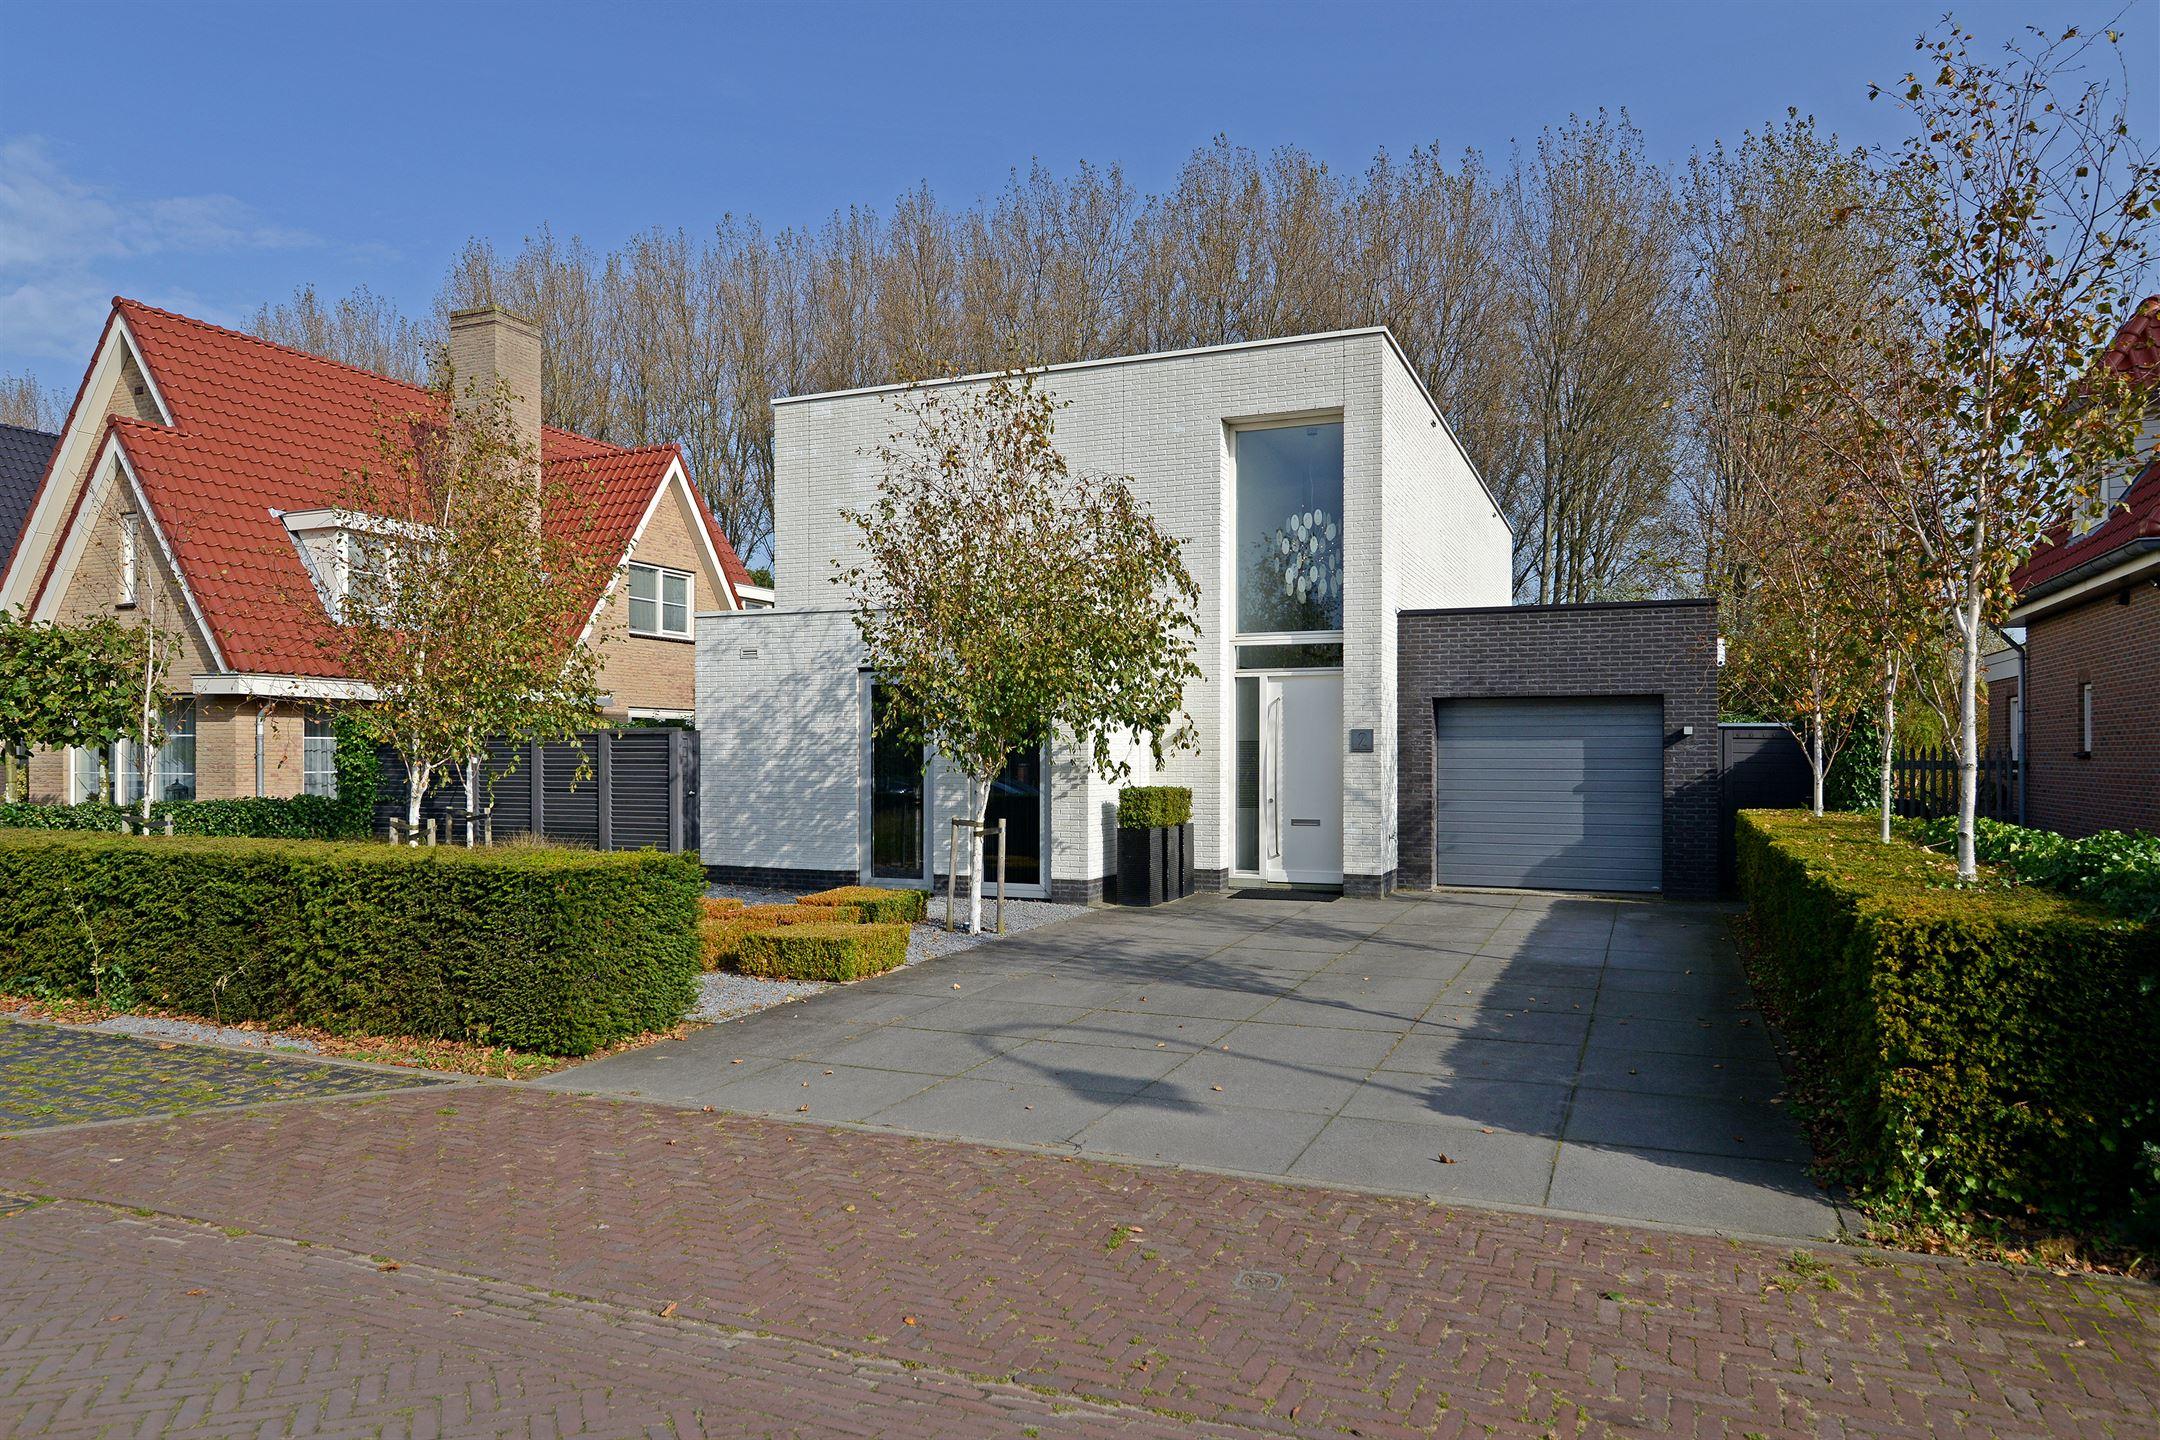 Huis te koop abdis aleydishof 2 2544 nr den haag funda for Huis te koop den haag